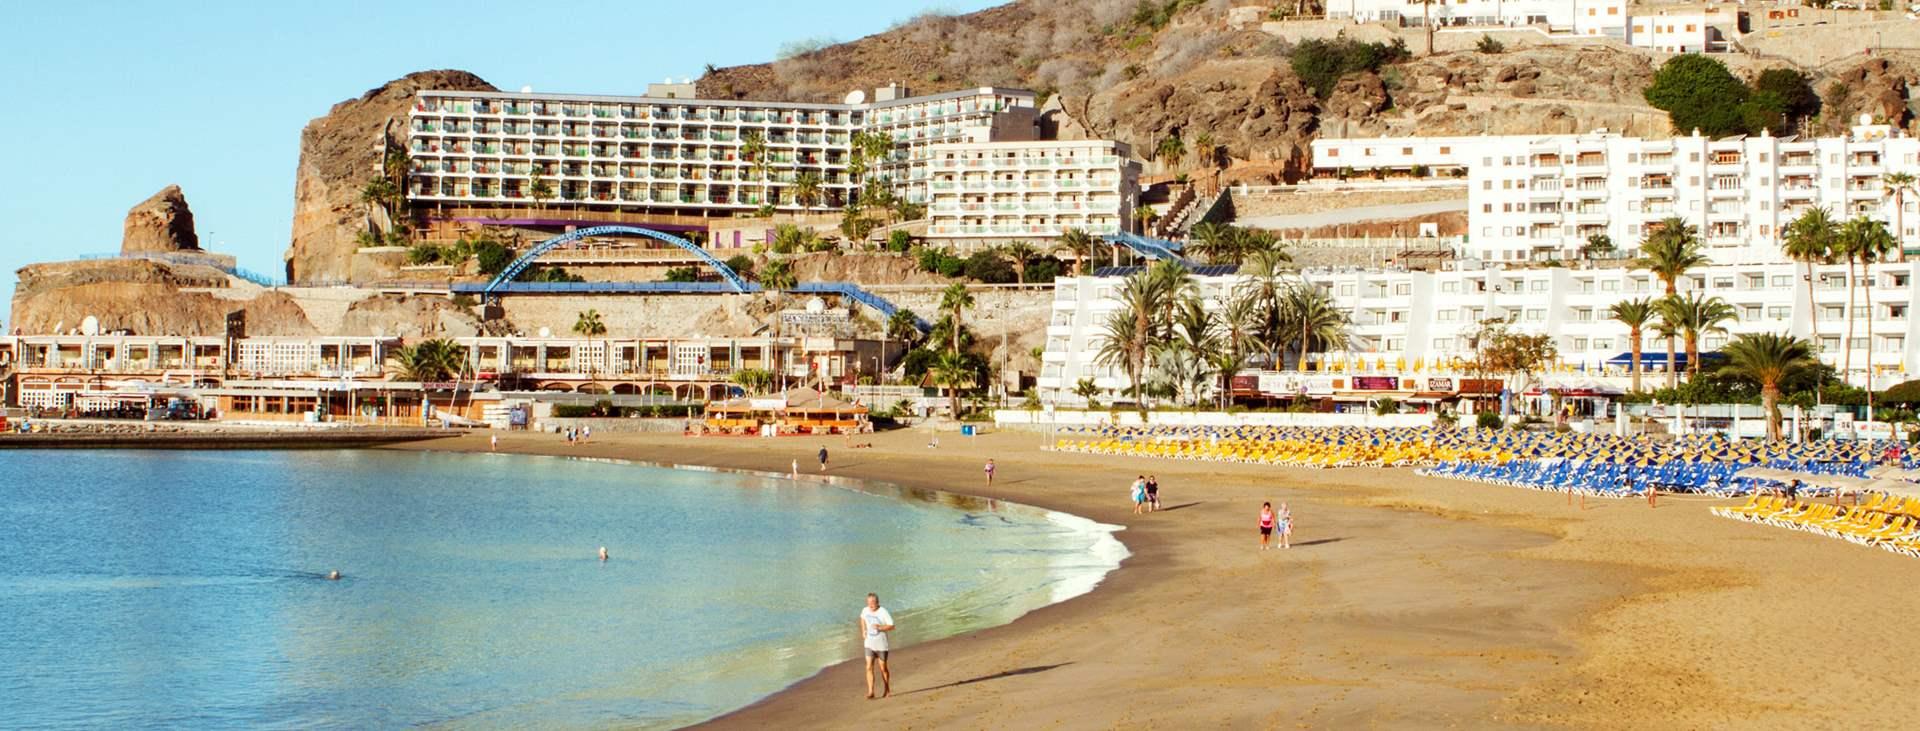 Bestill en reise til barnevennlige Puerto Rico på Gran Canaria